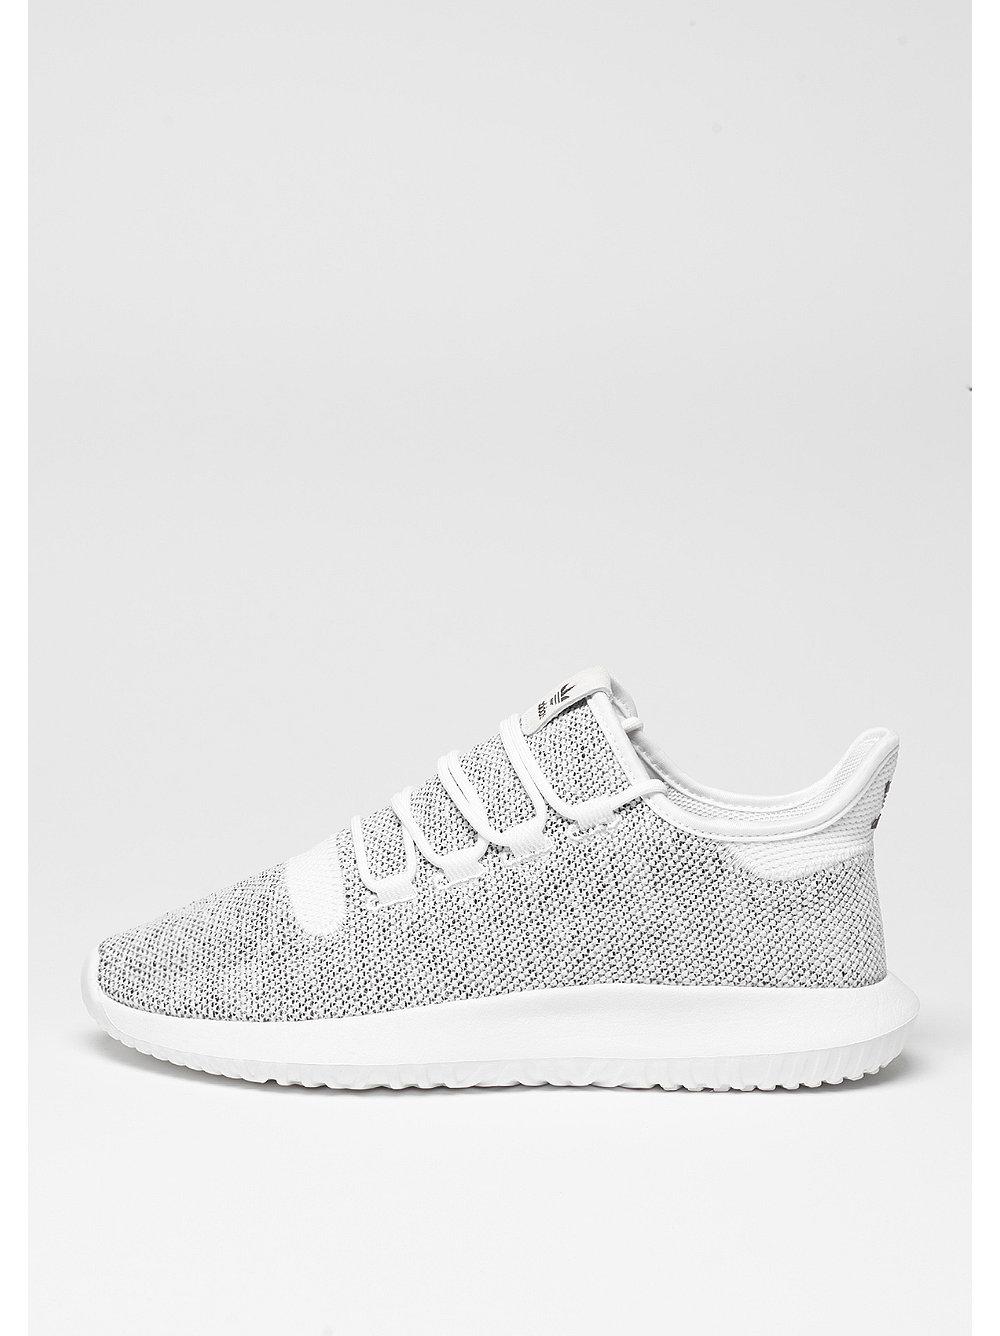 adidas Tubular Shadow 3D Knit pearl grey-solid grey-crystal white